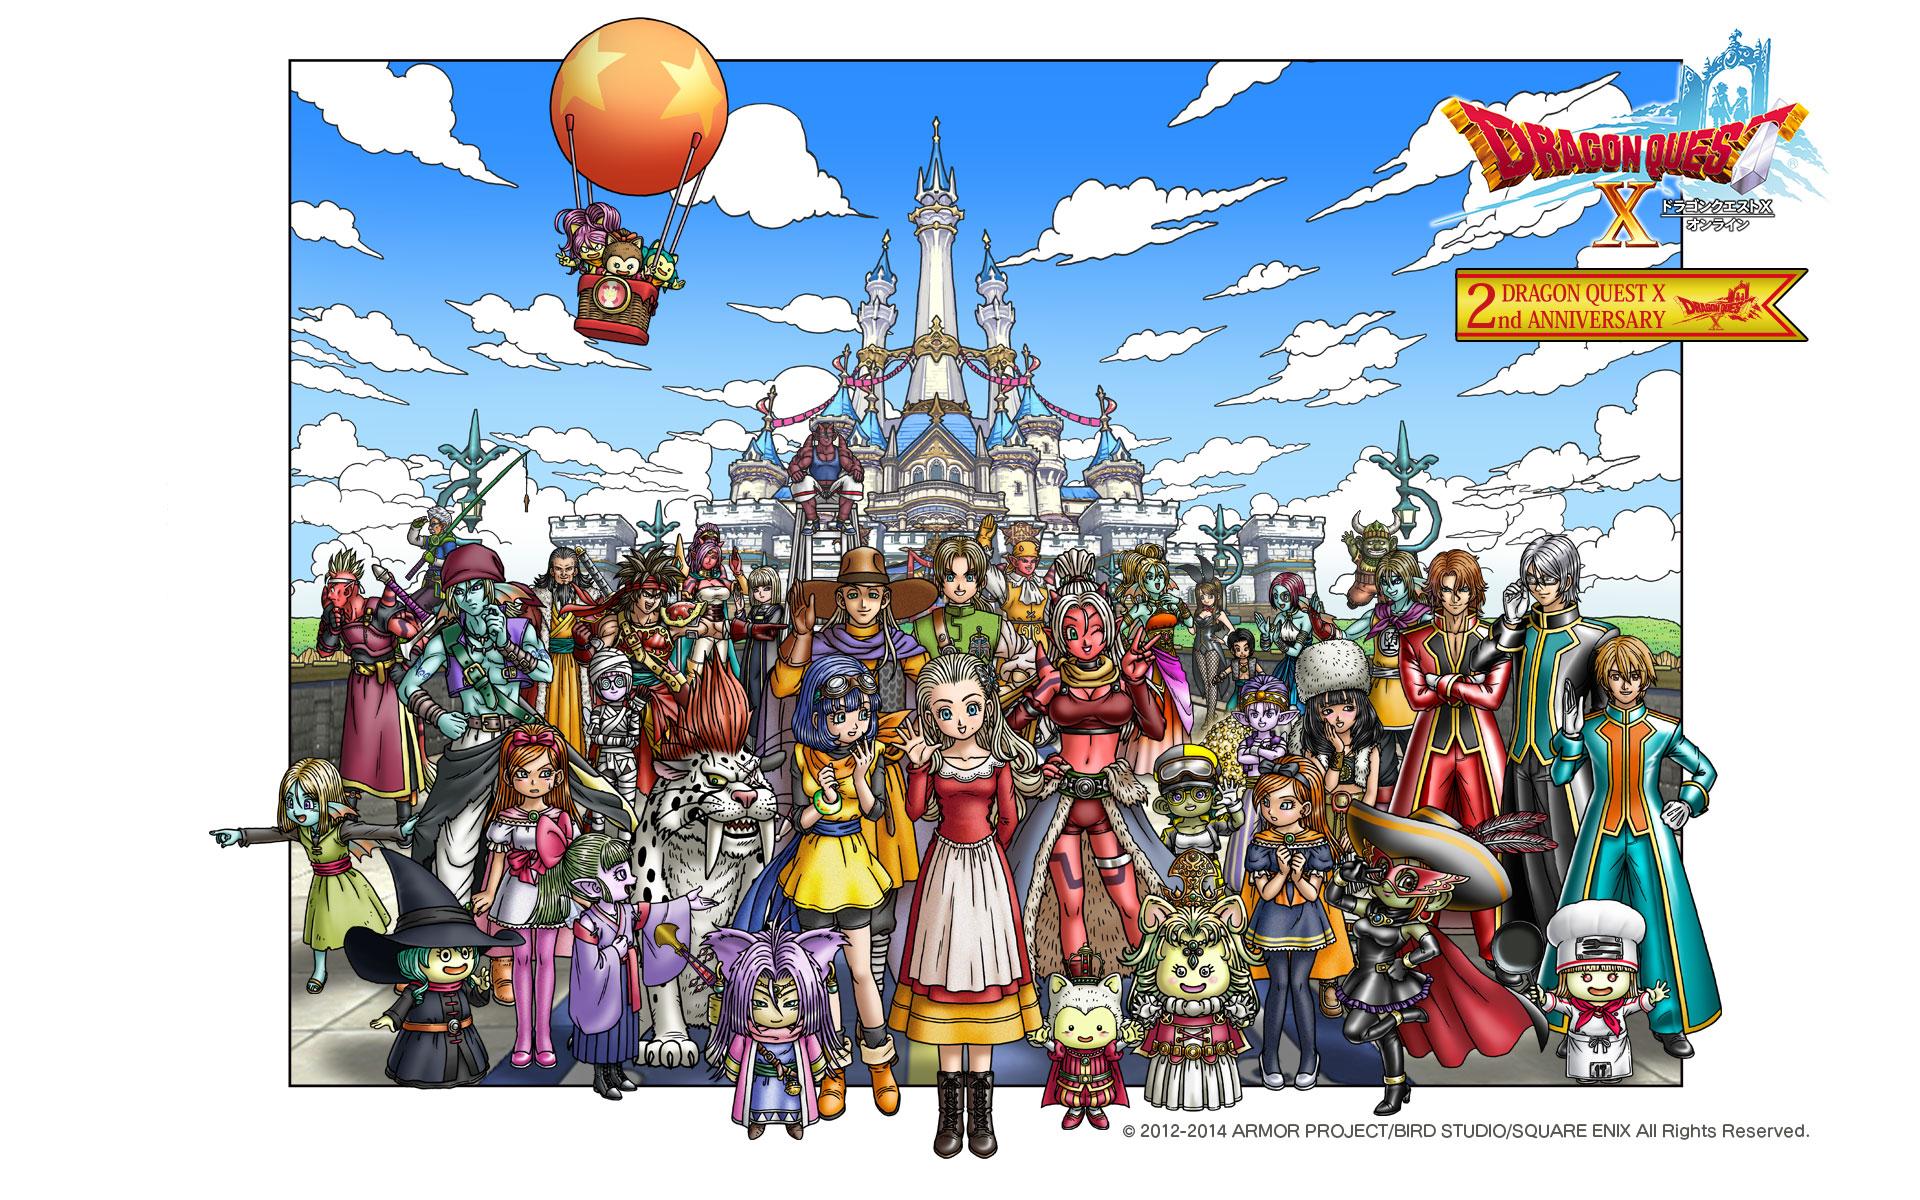 2周年記念 スペシャル壁紙プレゼント 14 8 2 目覚めし冒険者の広場